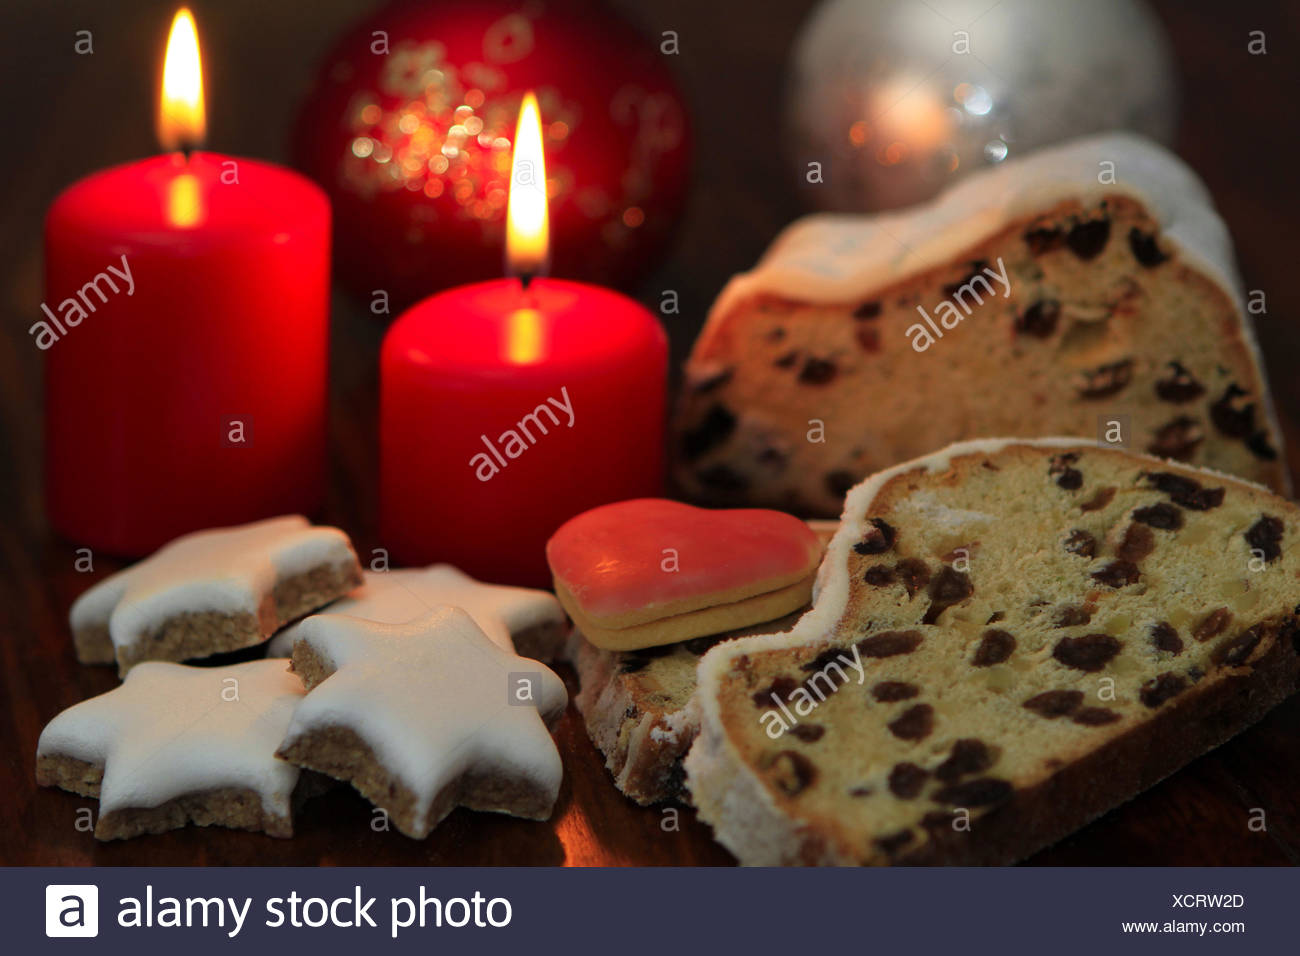 Weihnachtsgebäck Zimtsterne.Weihnachtsgebäck Christstollen Und Zimtsterne Stock Photo